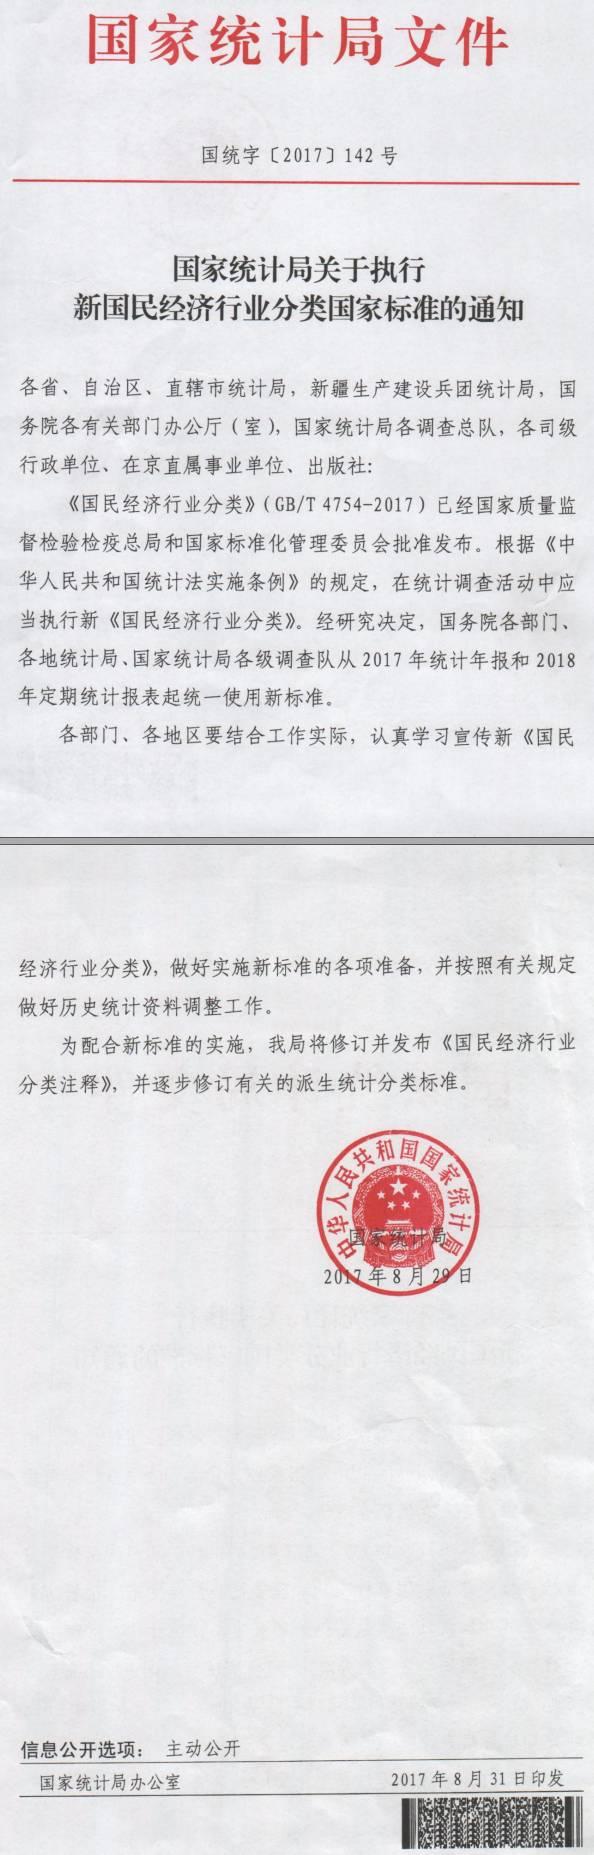 国统字〔2017〕142号《国家统计局关于执行新国民经济行业分类国家标准的通知》